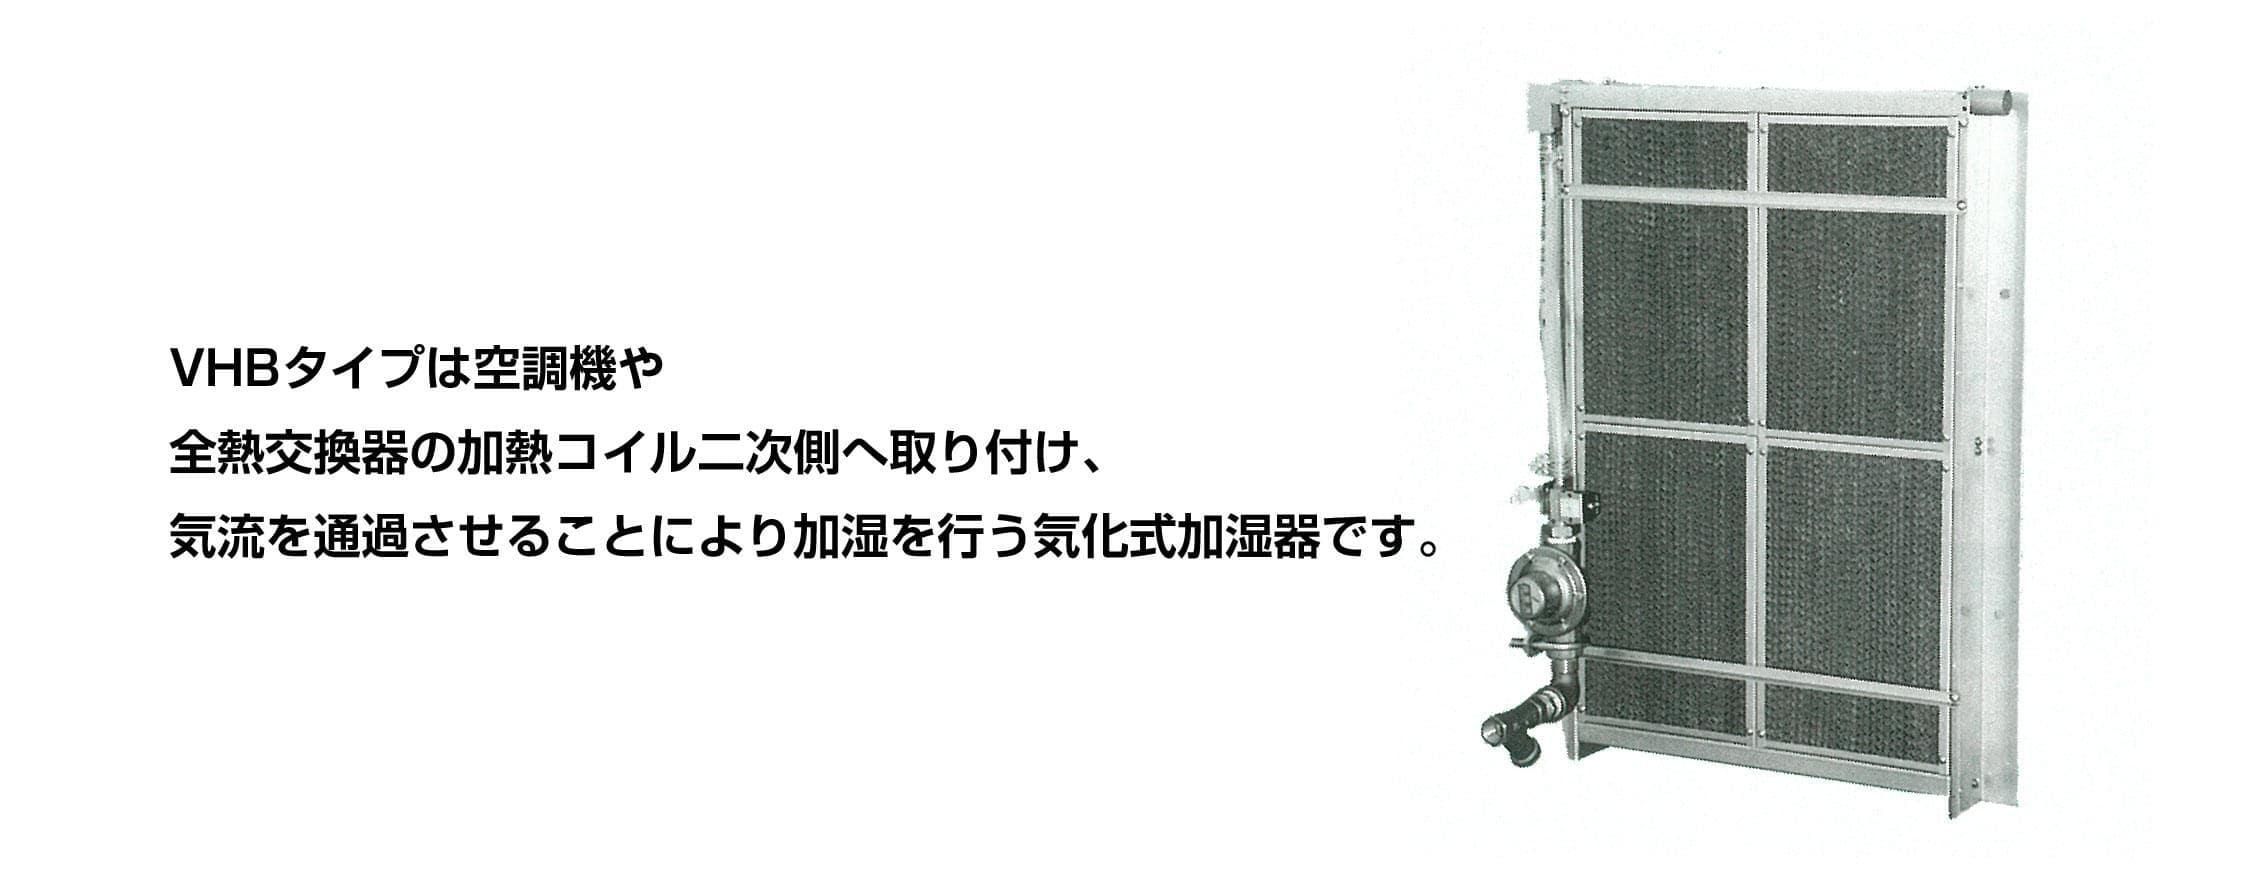 滴下浸透気化式加湿器VHBタイプ